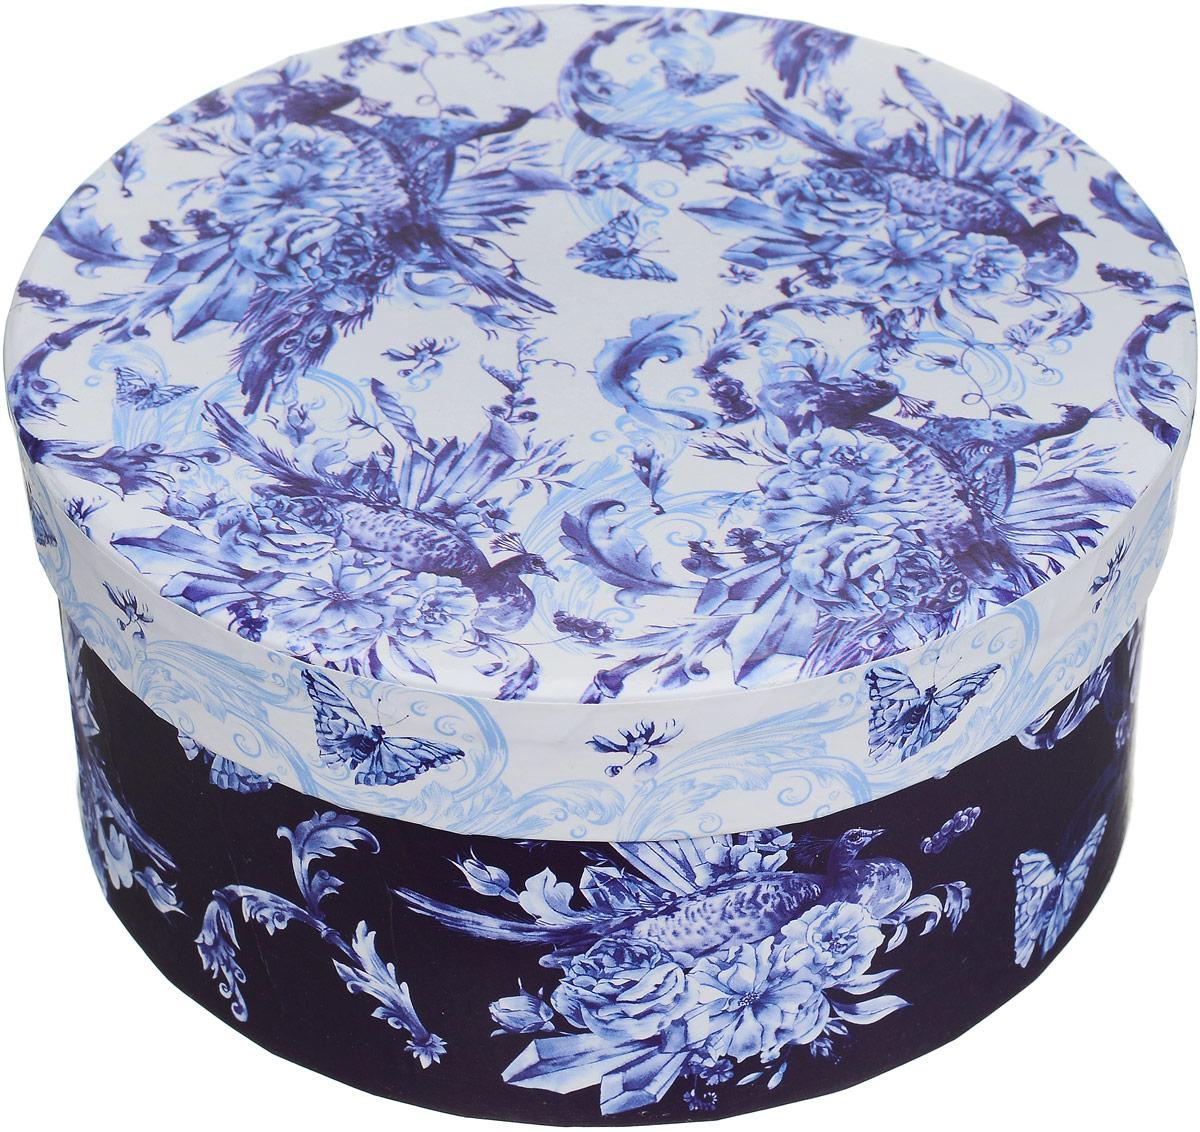 Коробка подарочная Magic Home Голубые цветы, круглая, 14 х 14 х 7 смK100Подарочная коробка Magic Home Голубые цветы выполнена из мелованного ламинированного картона. Коробочка оформлена оригинальным рисунком. Изделие имеет круглую форму и закрывается крышкой. Подарочная коробка - это наилучшее решение, если вы хотите порадовать близких людей и создать праздничное настроение, ведь подарок, преподнесенный в оригинальной упаковке, всегда будет самым эффектным и запоминающимся. Окружите близких людей вниманием и заботой, вручив презент в нарядном, праздничном оформлении.Плотность картона: 1100 г/м2.